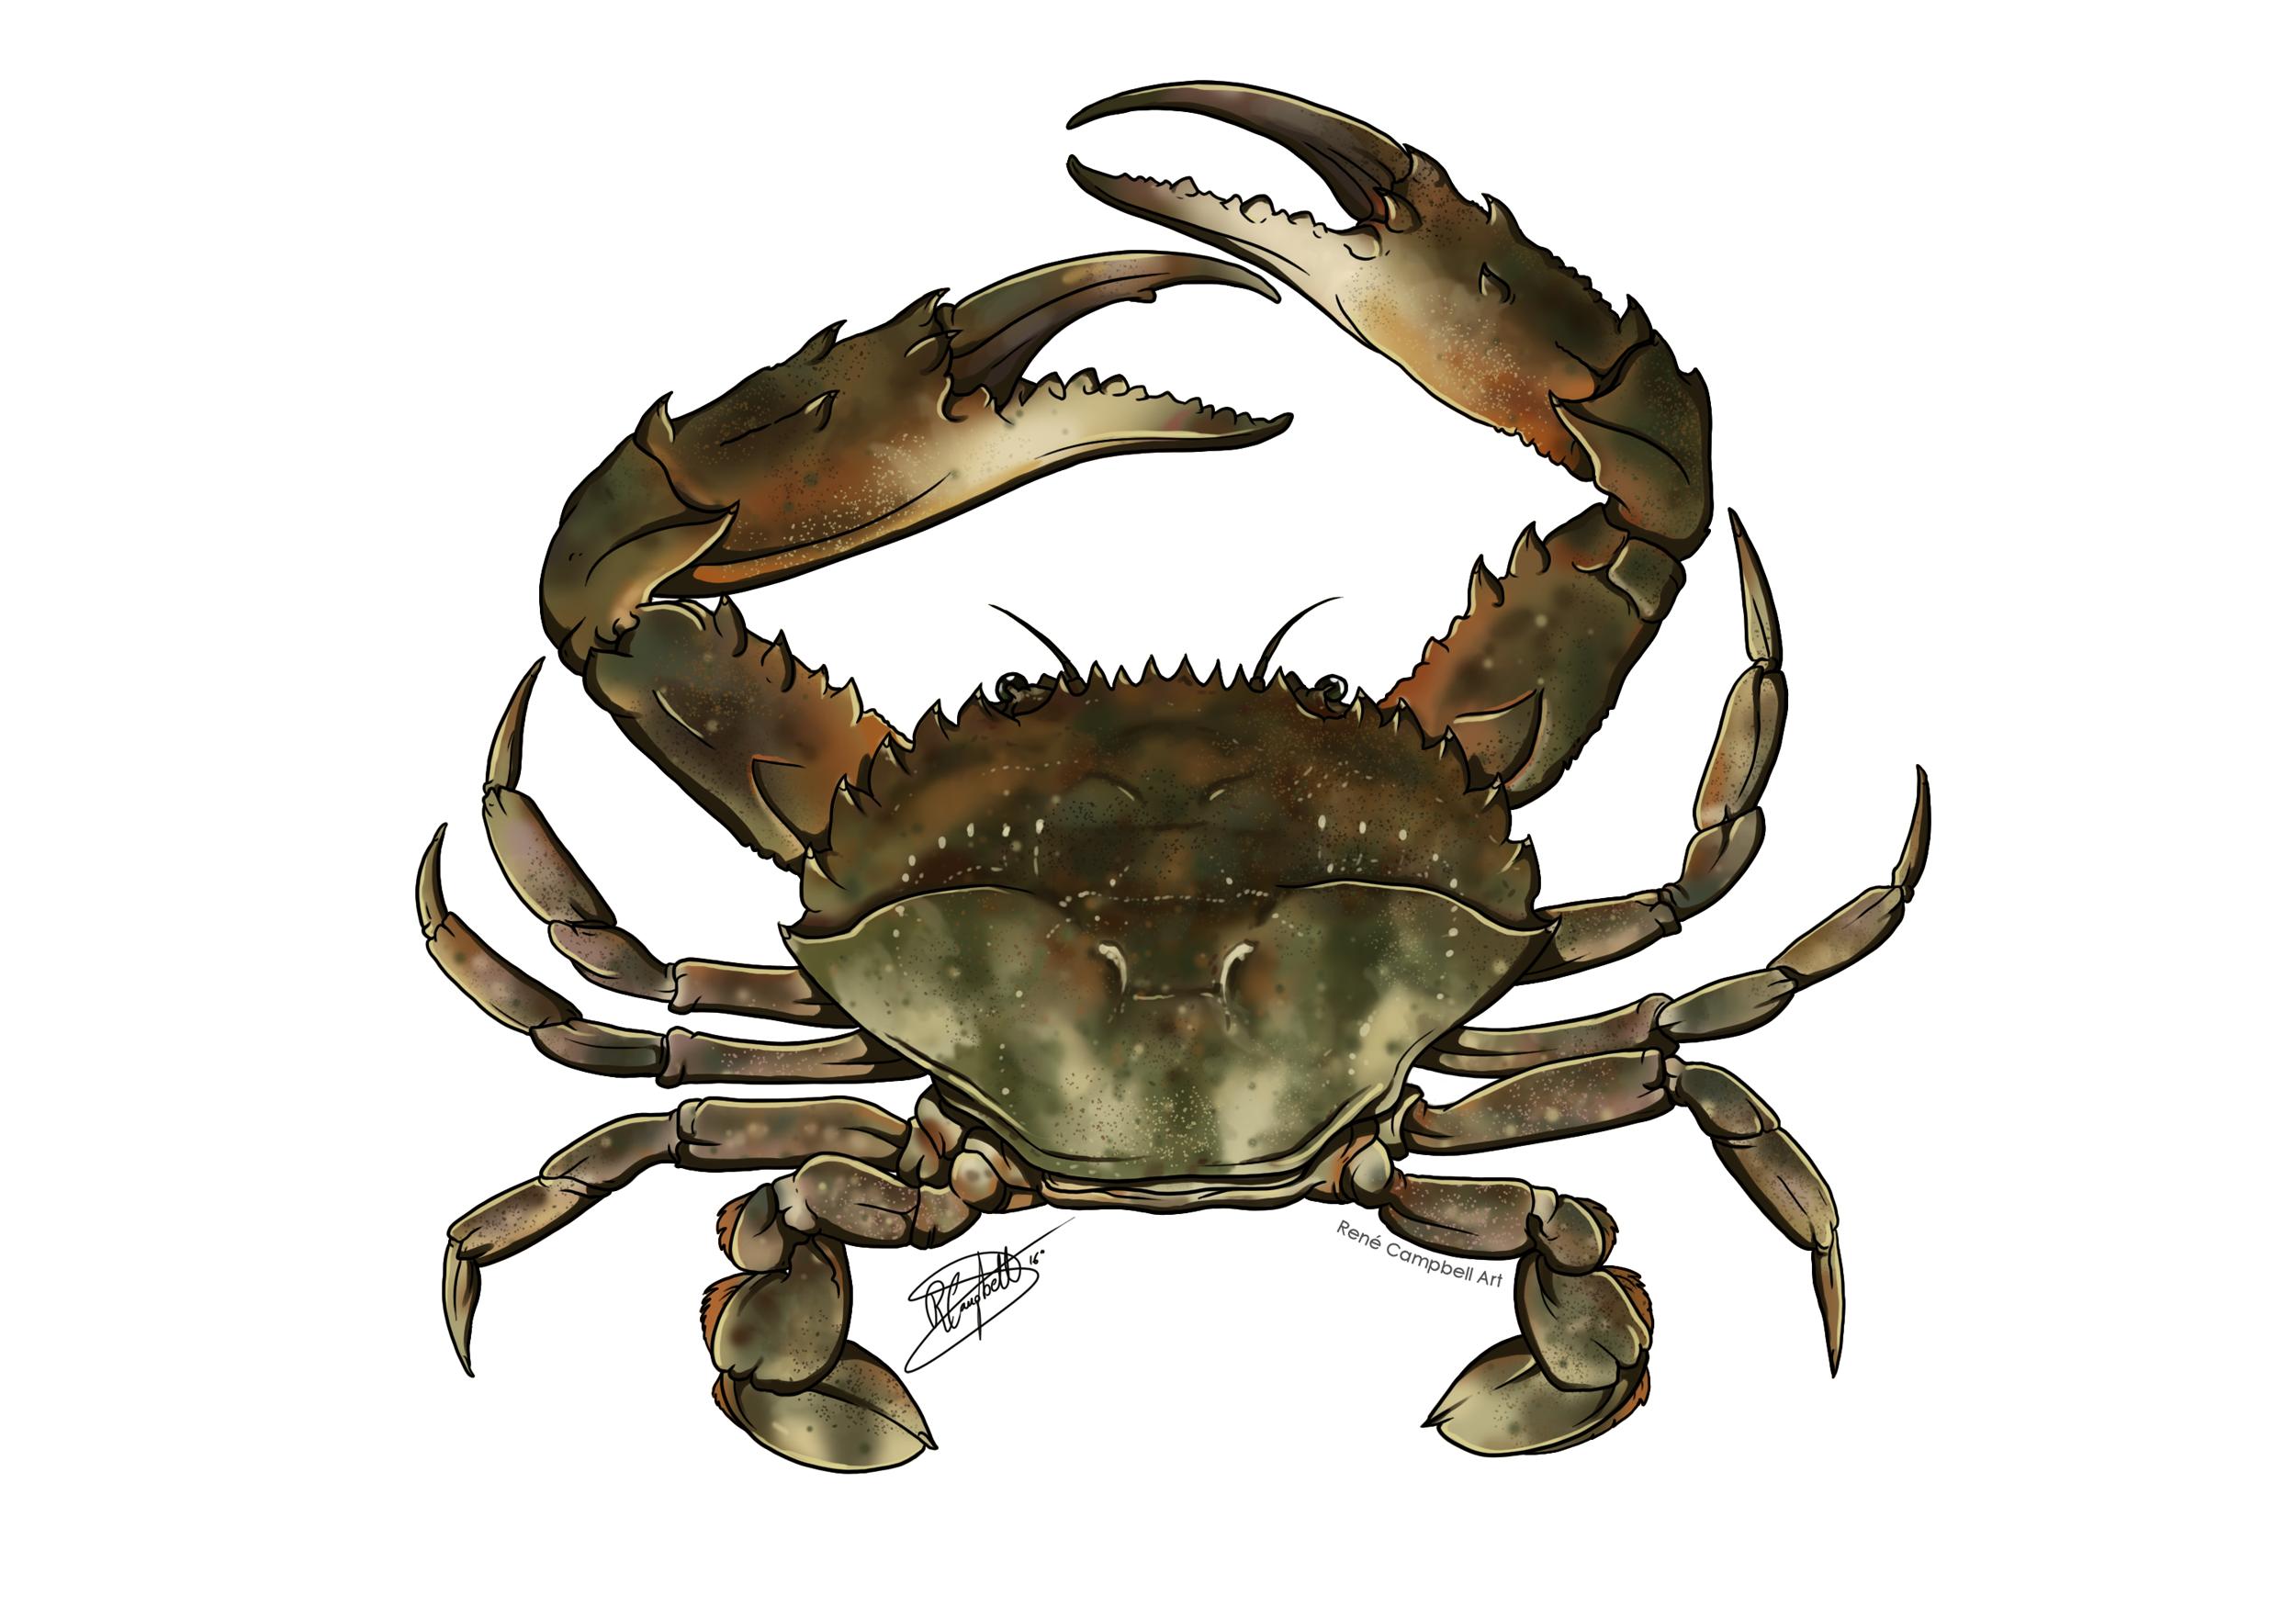 Marine Biology and Limnology on BioIllustration - DeviantArt